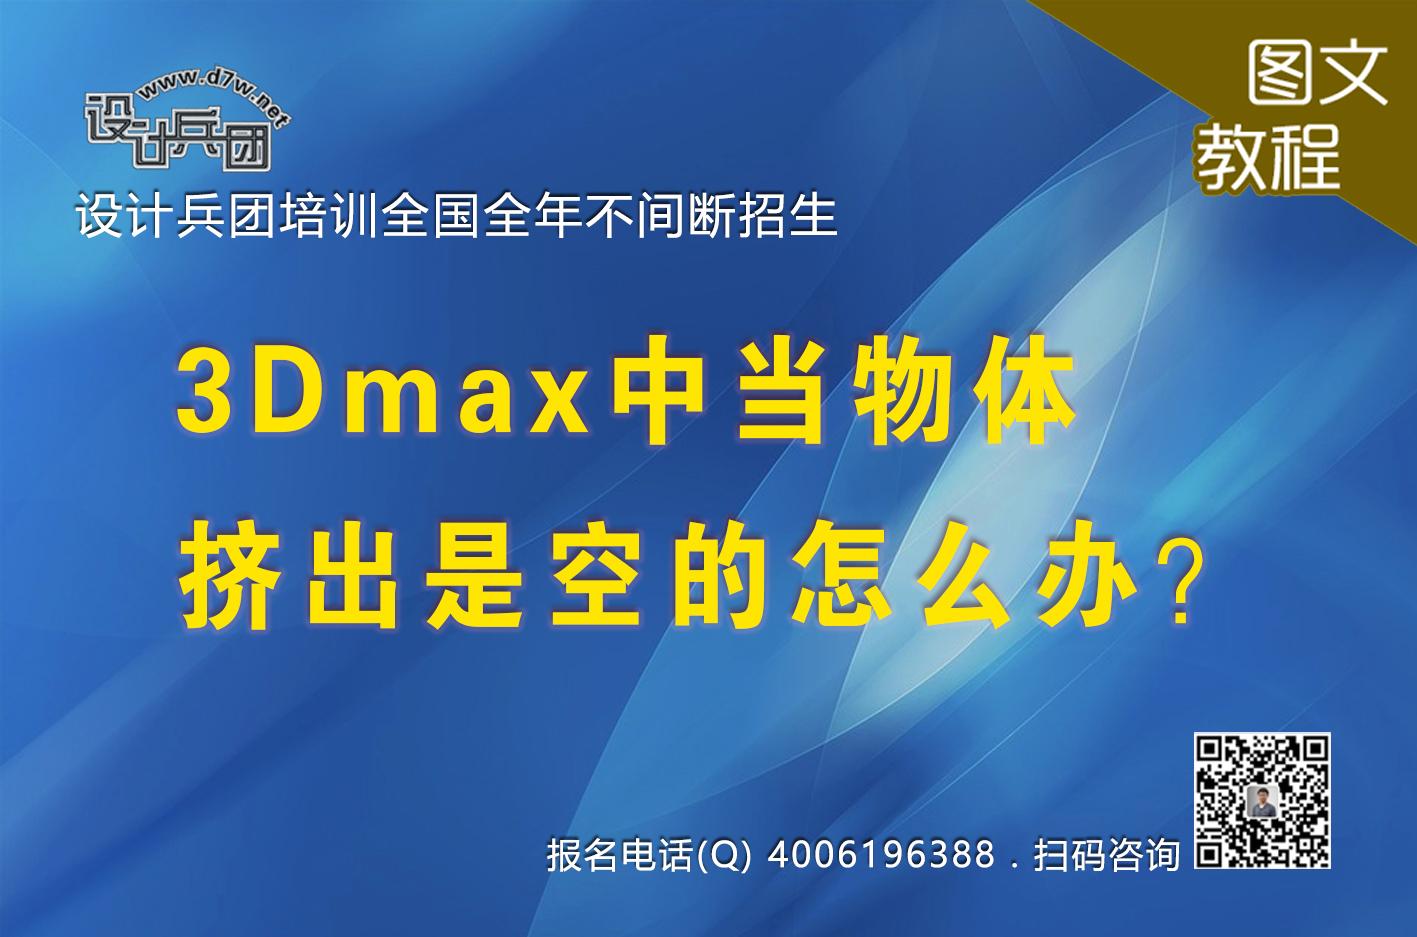 3Dmax中当物体 挤出是空的怎么办?